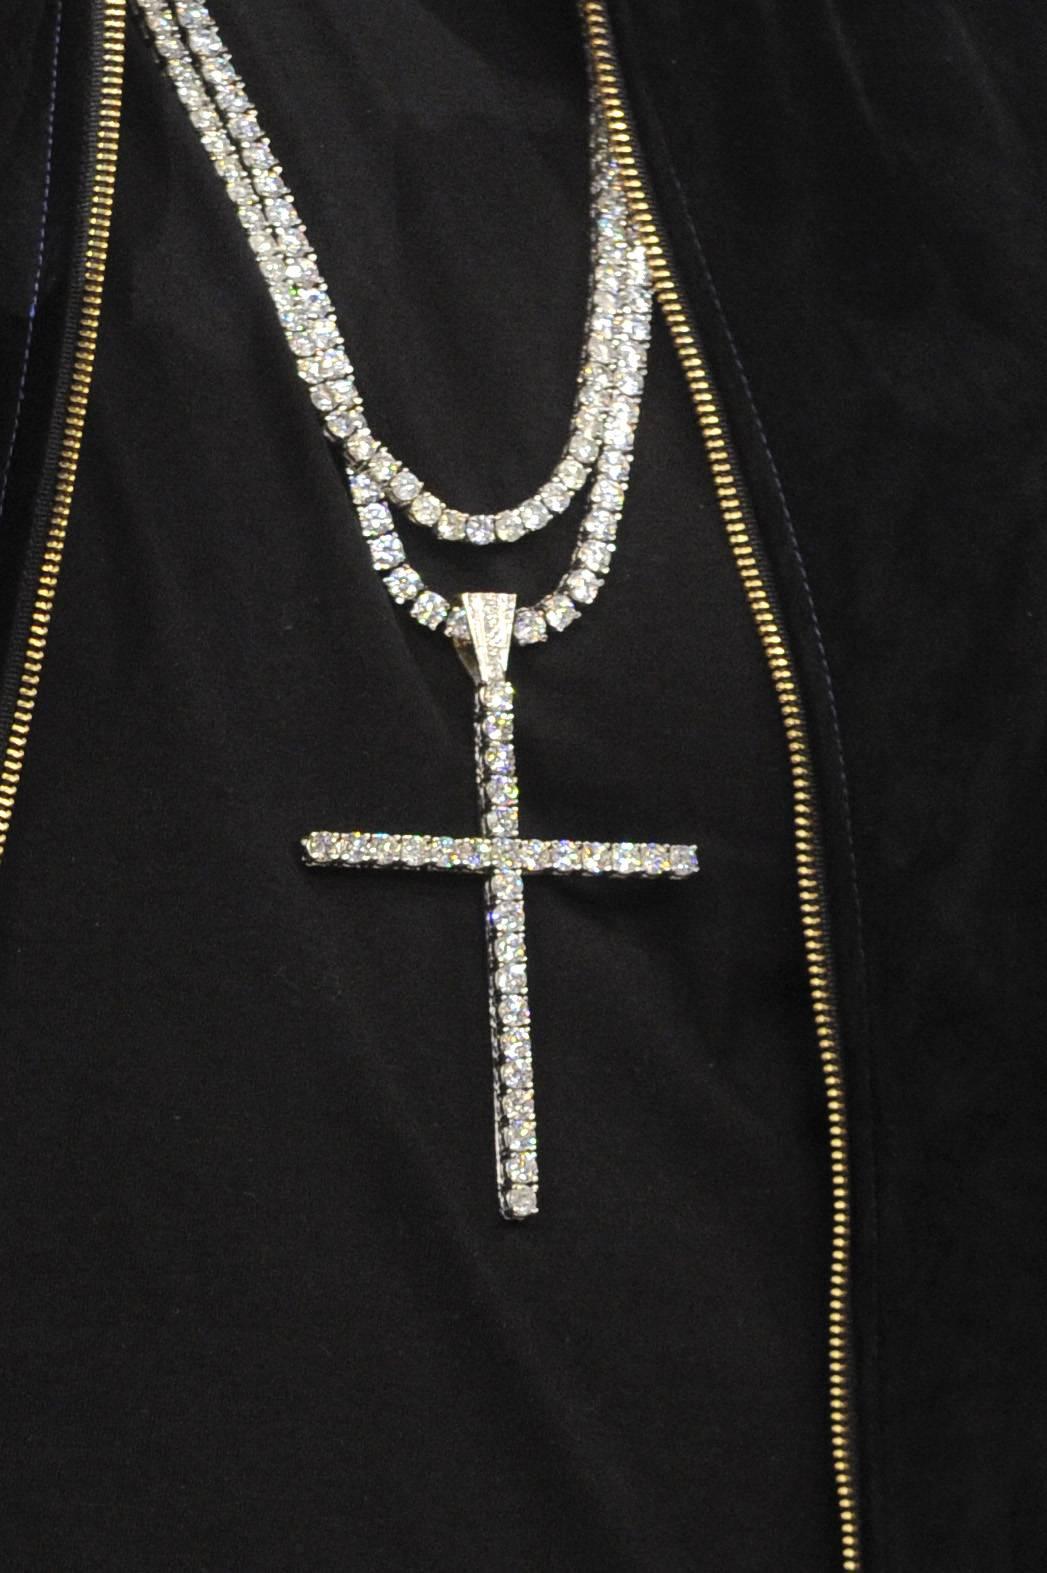 The Cross - Fat Joe at 106 & Park, January 3, 2012. (Photo: John Ricard / BET)